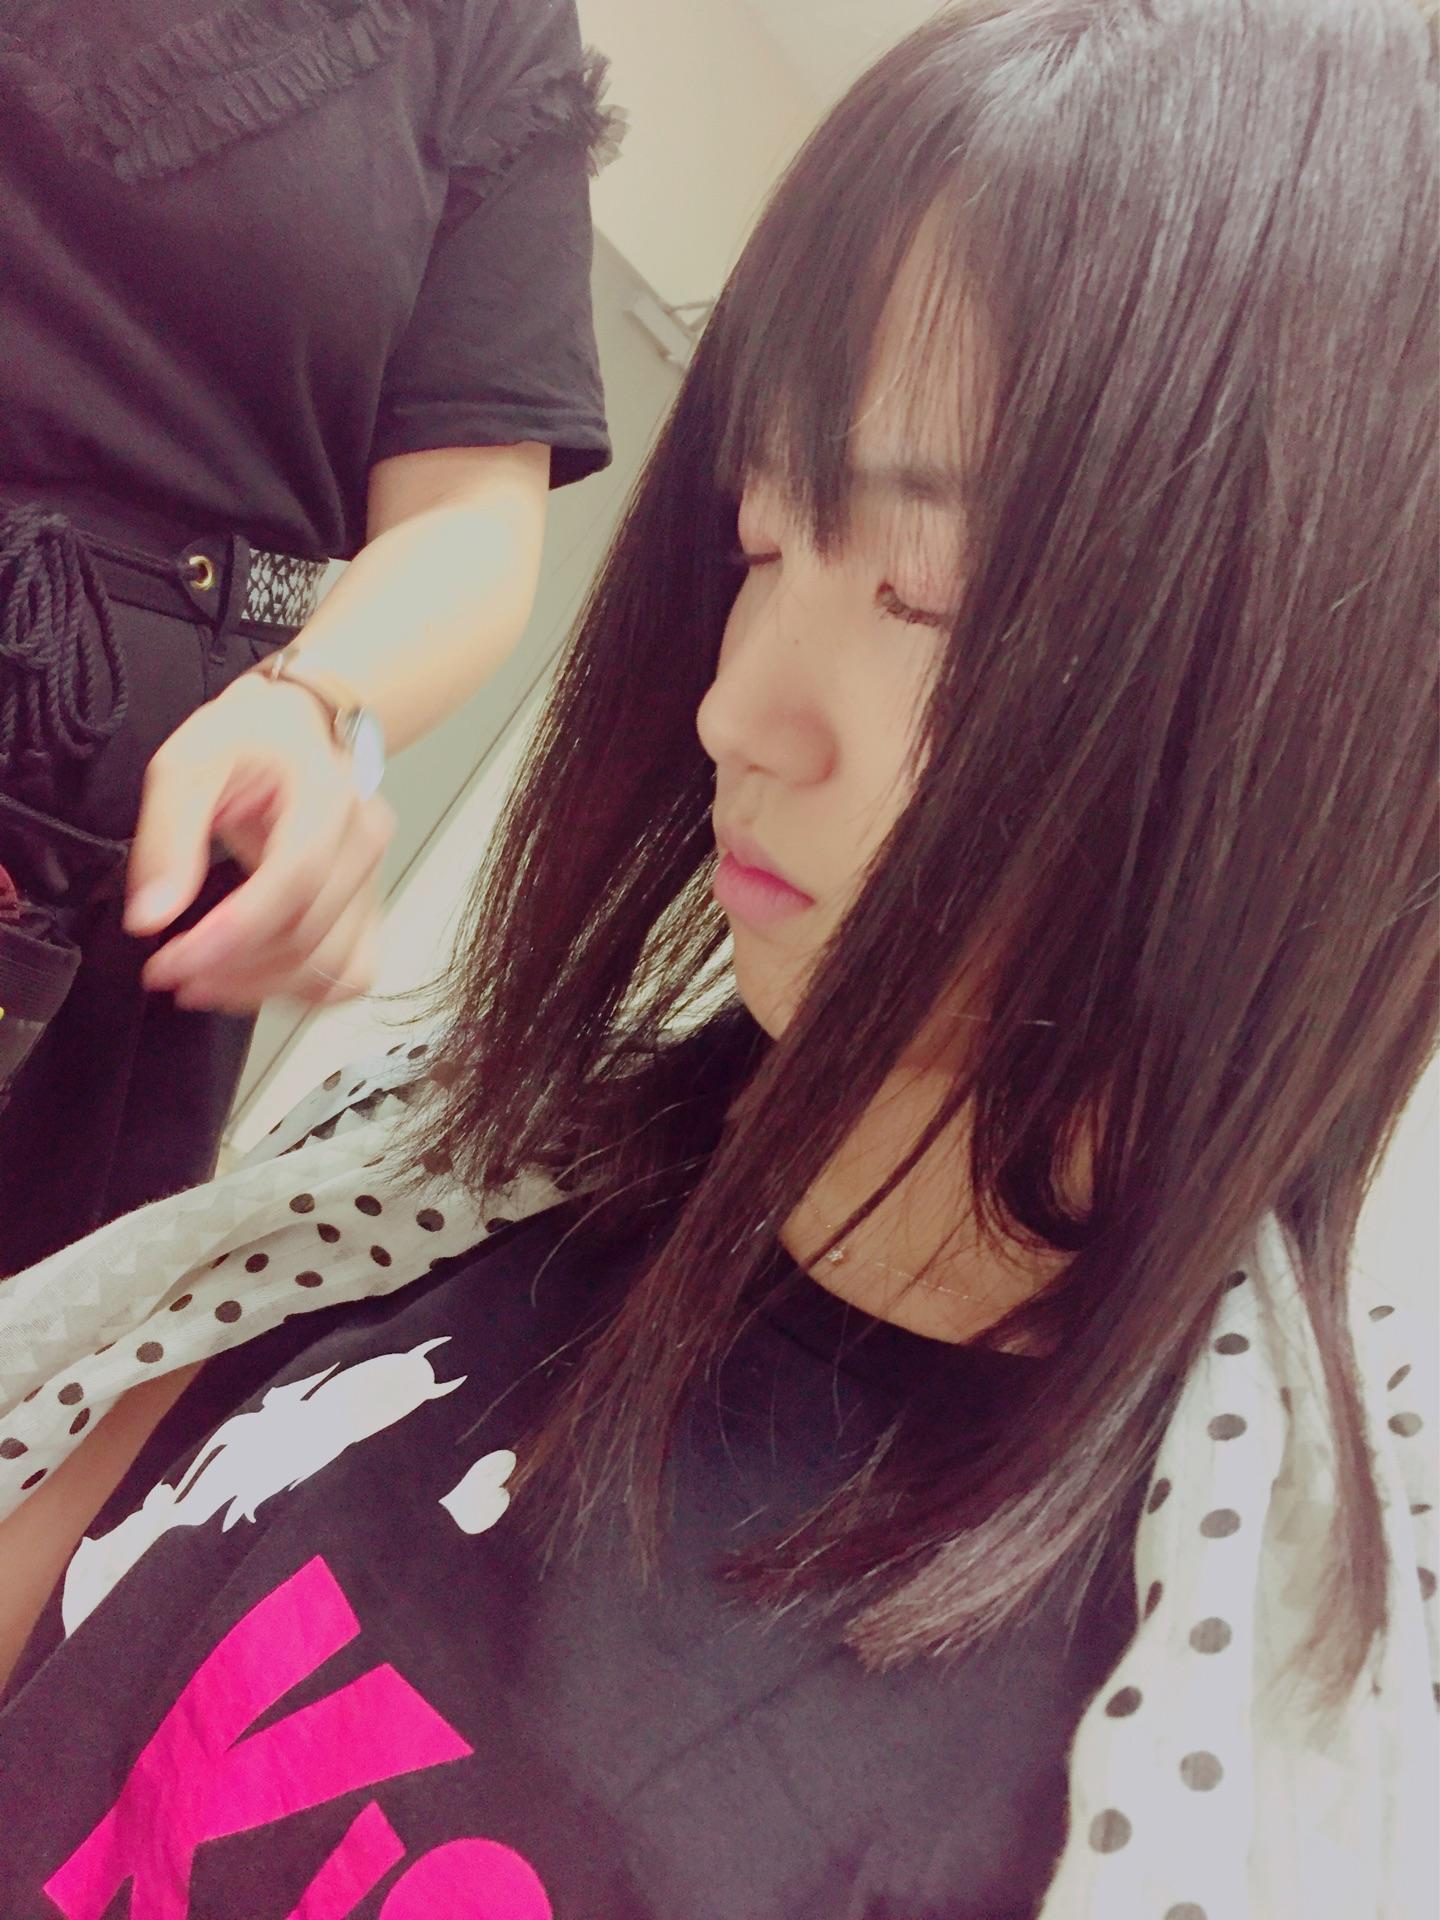 【AKB48】下尾みう応援スレ★4【チーム8山口】©2ch.netYouTube動画>26本 ->画像>844枚